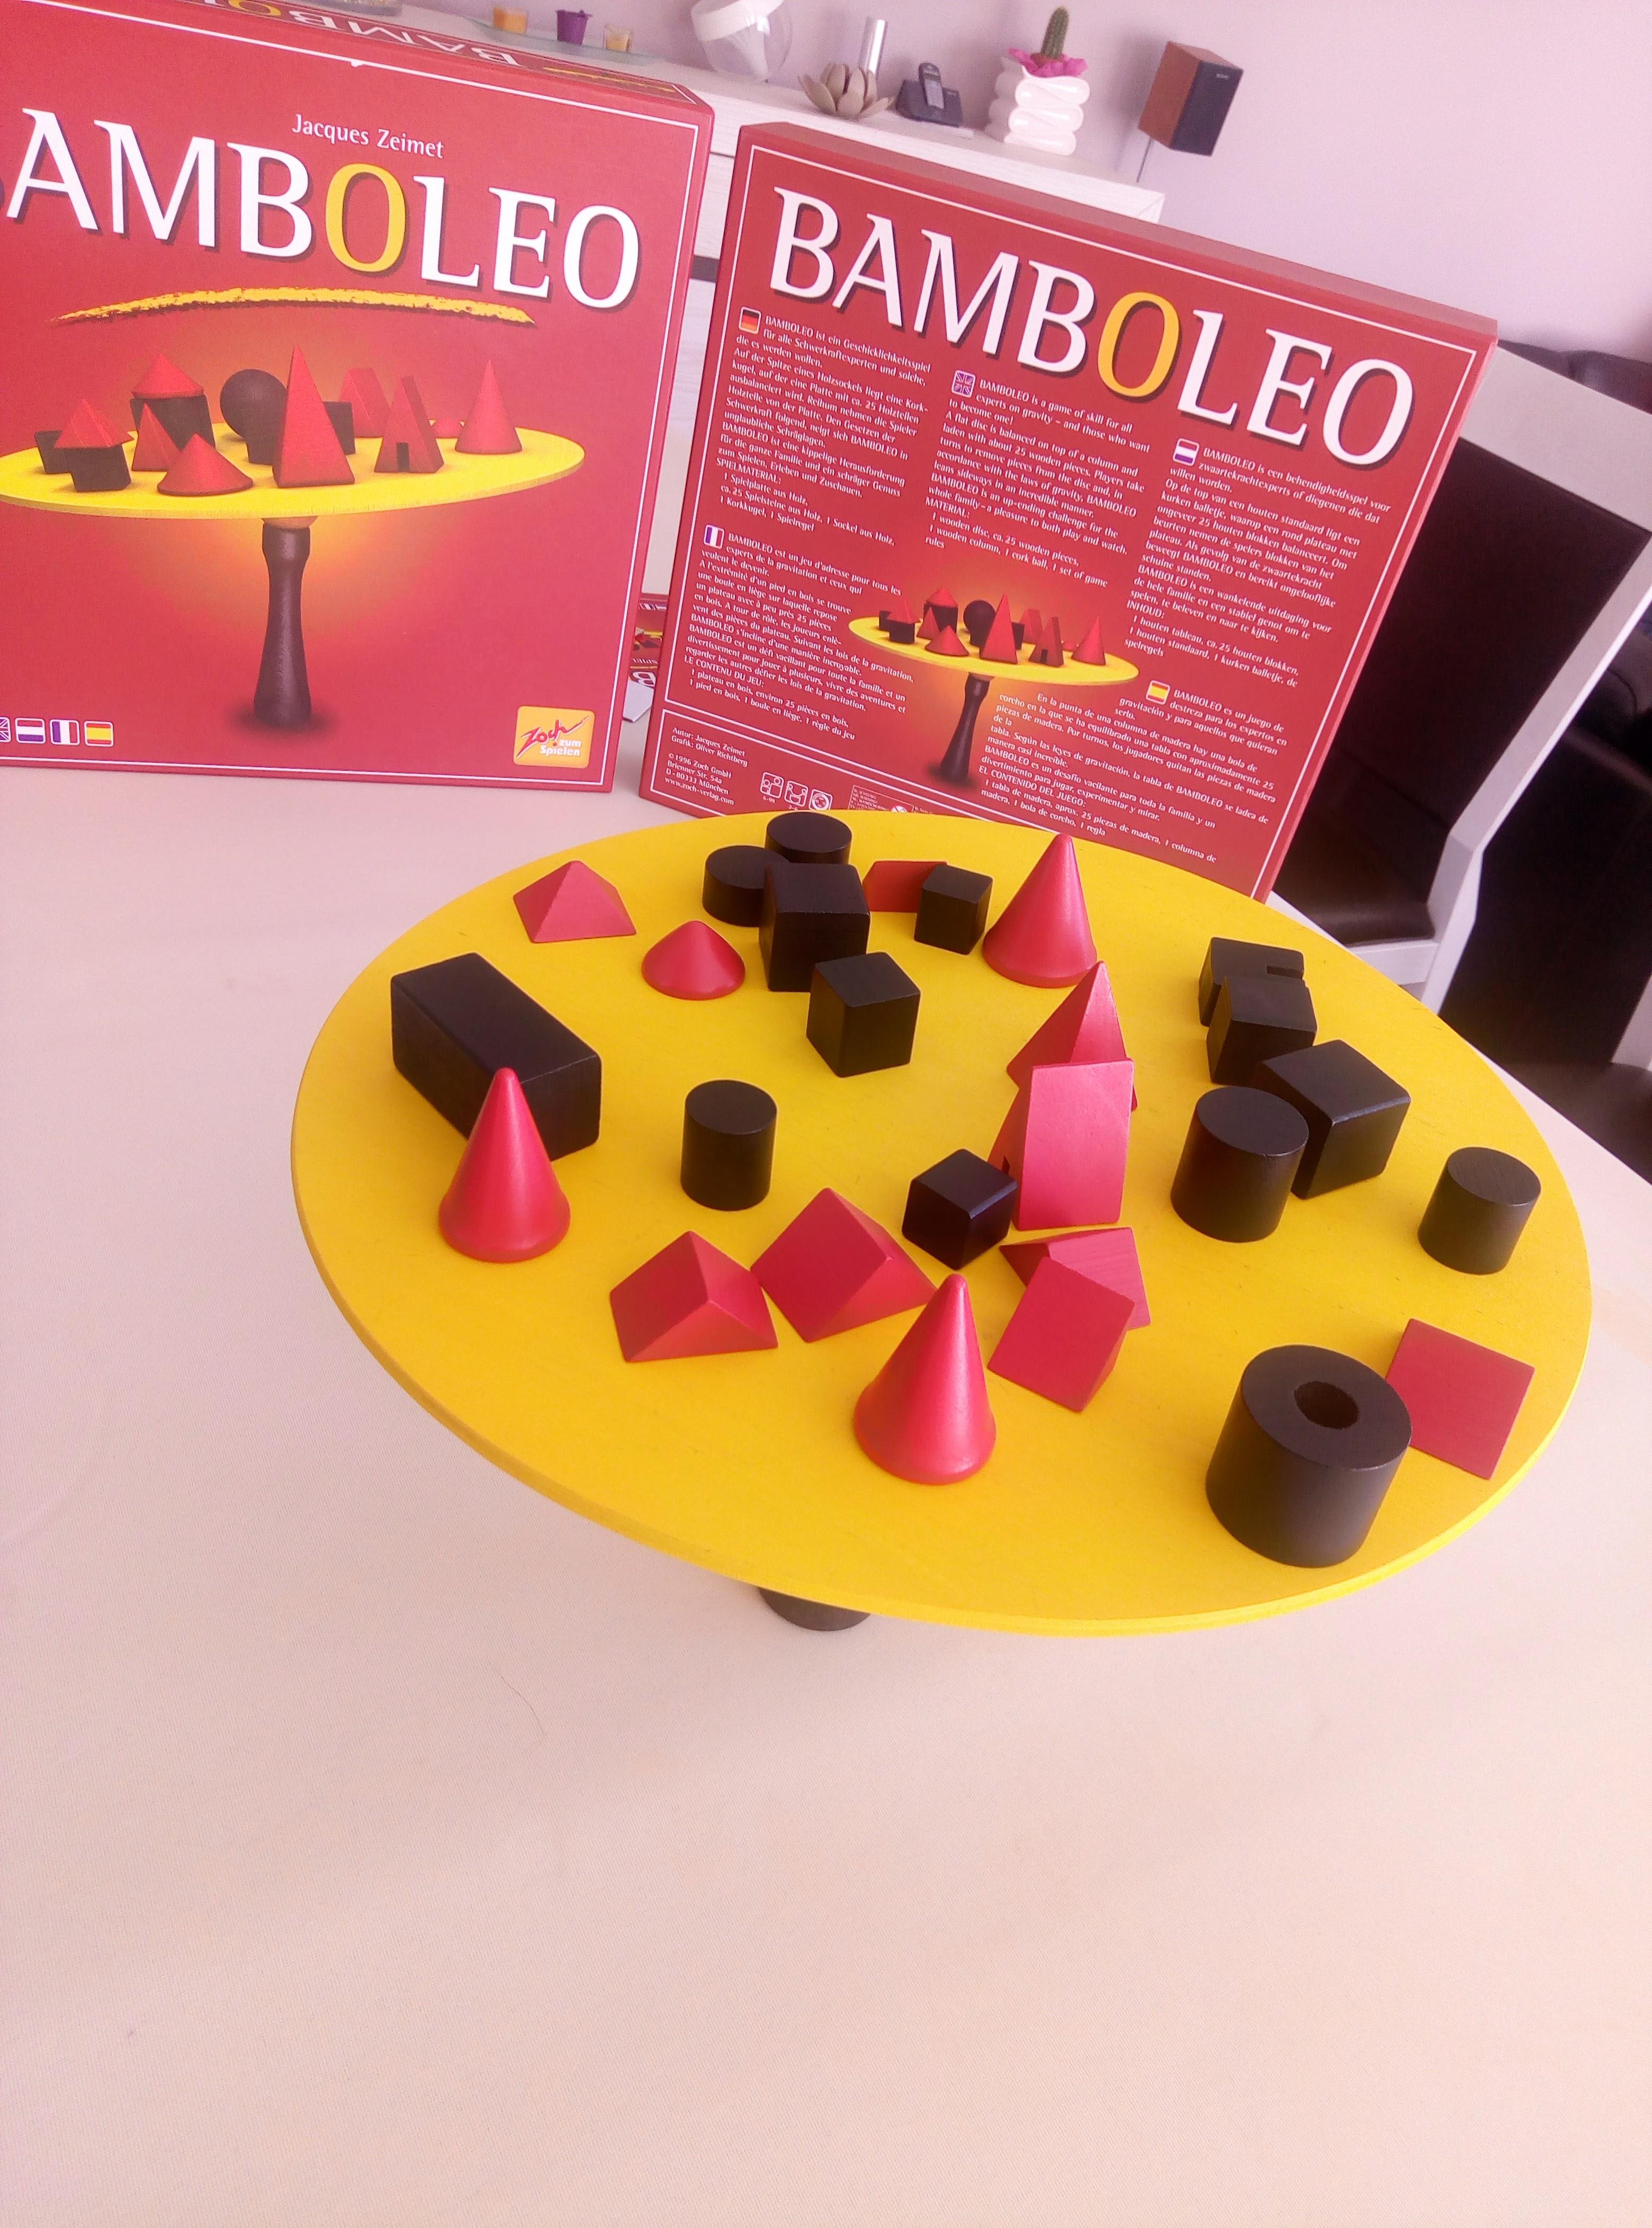 Bamboleo meaning